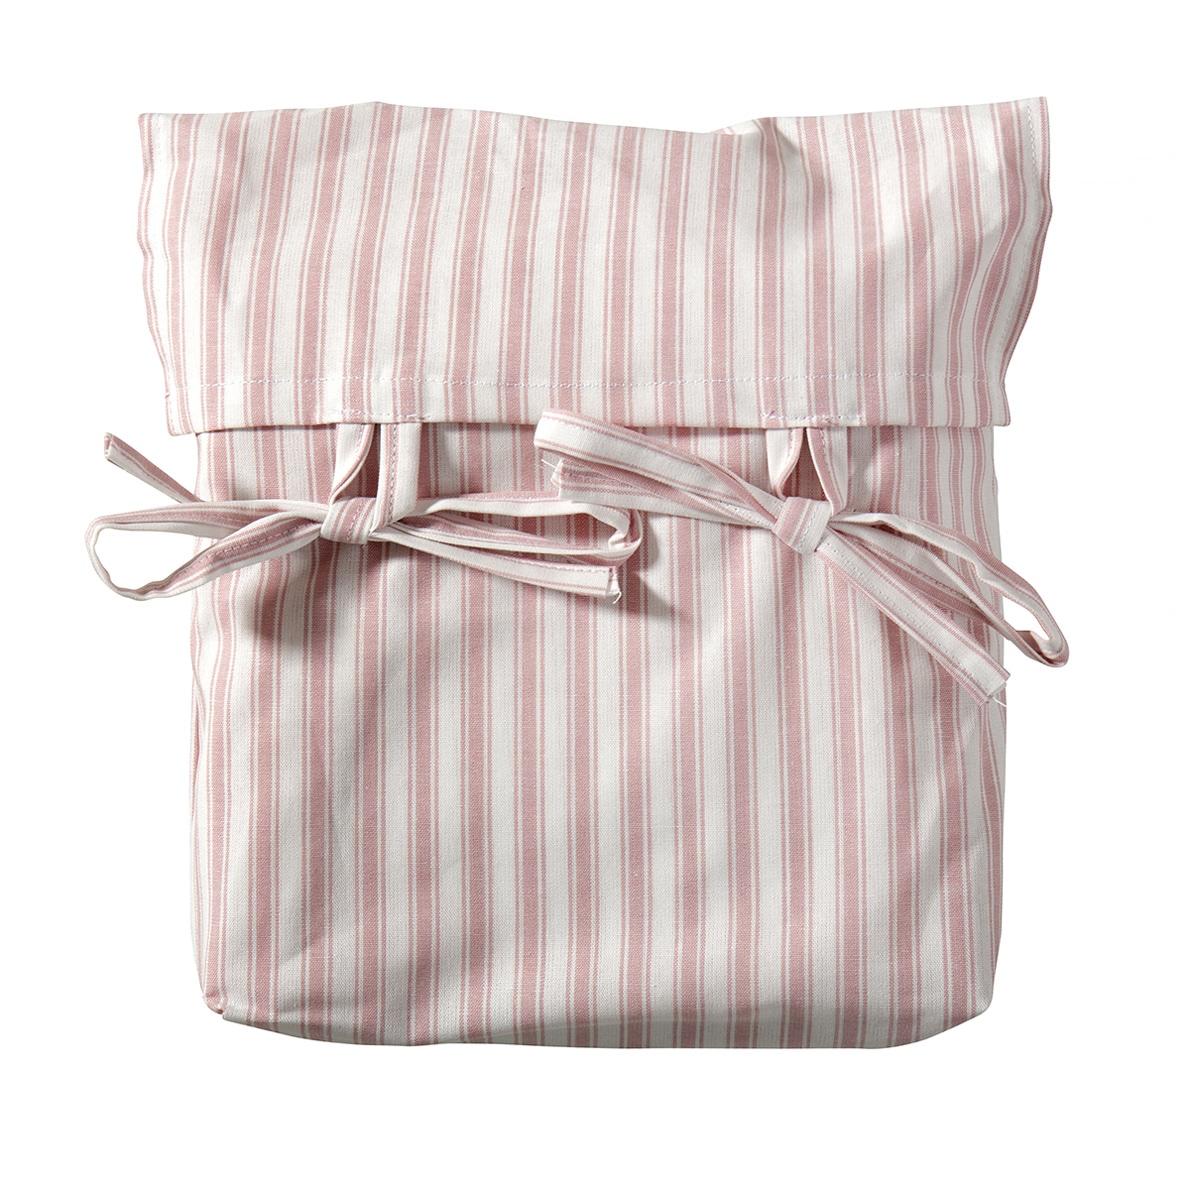 Oliver Furniture Seaside Vorhang für Etagenbett & halbhohes Hochbett rosa-Streifen